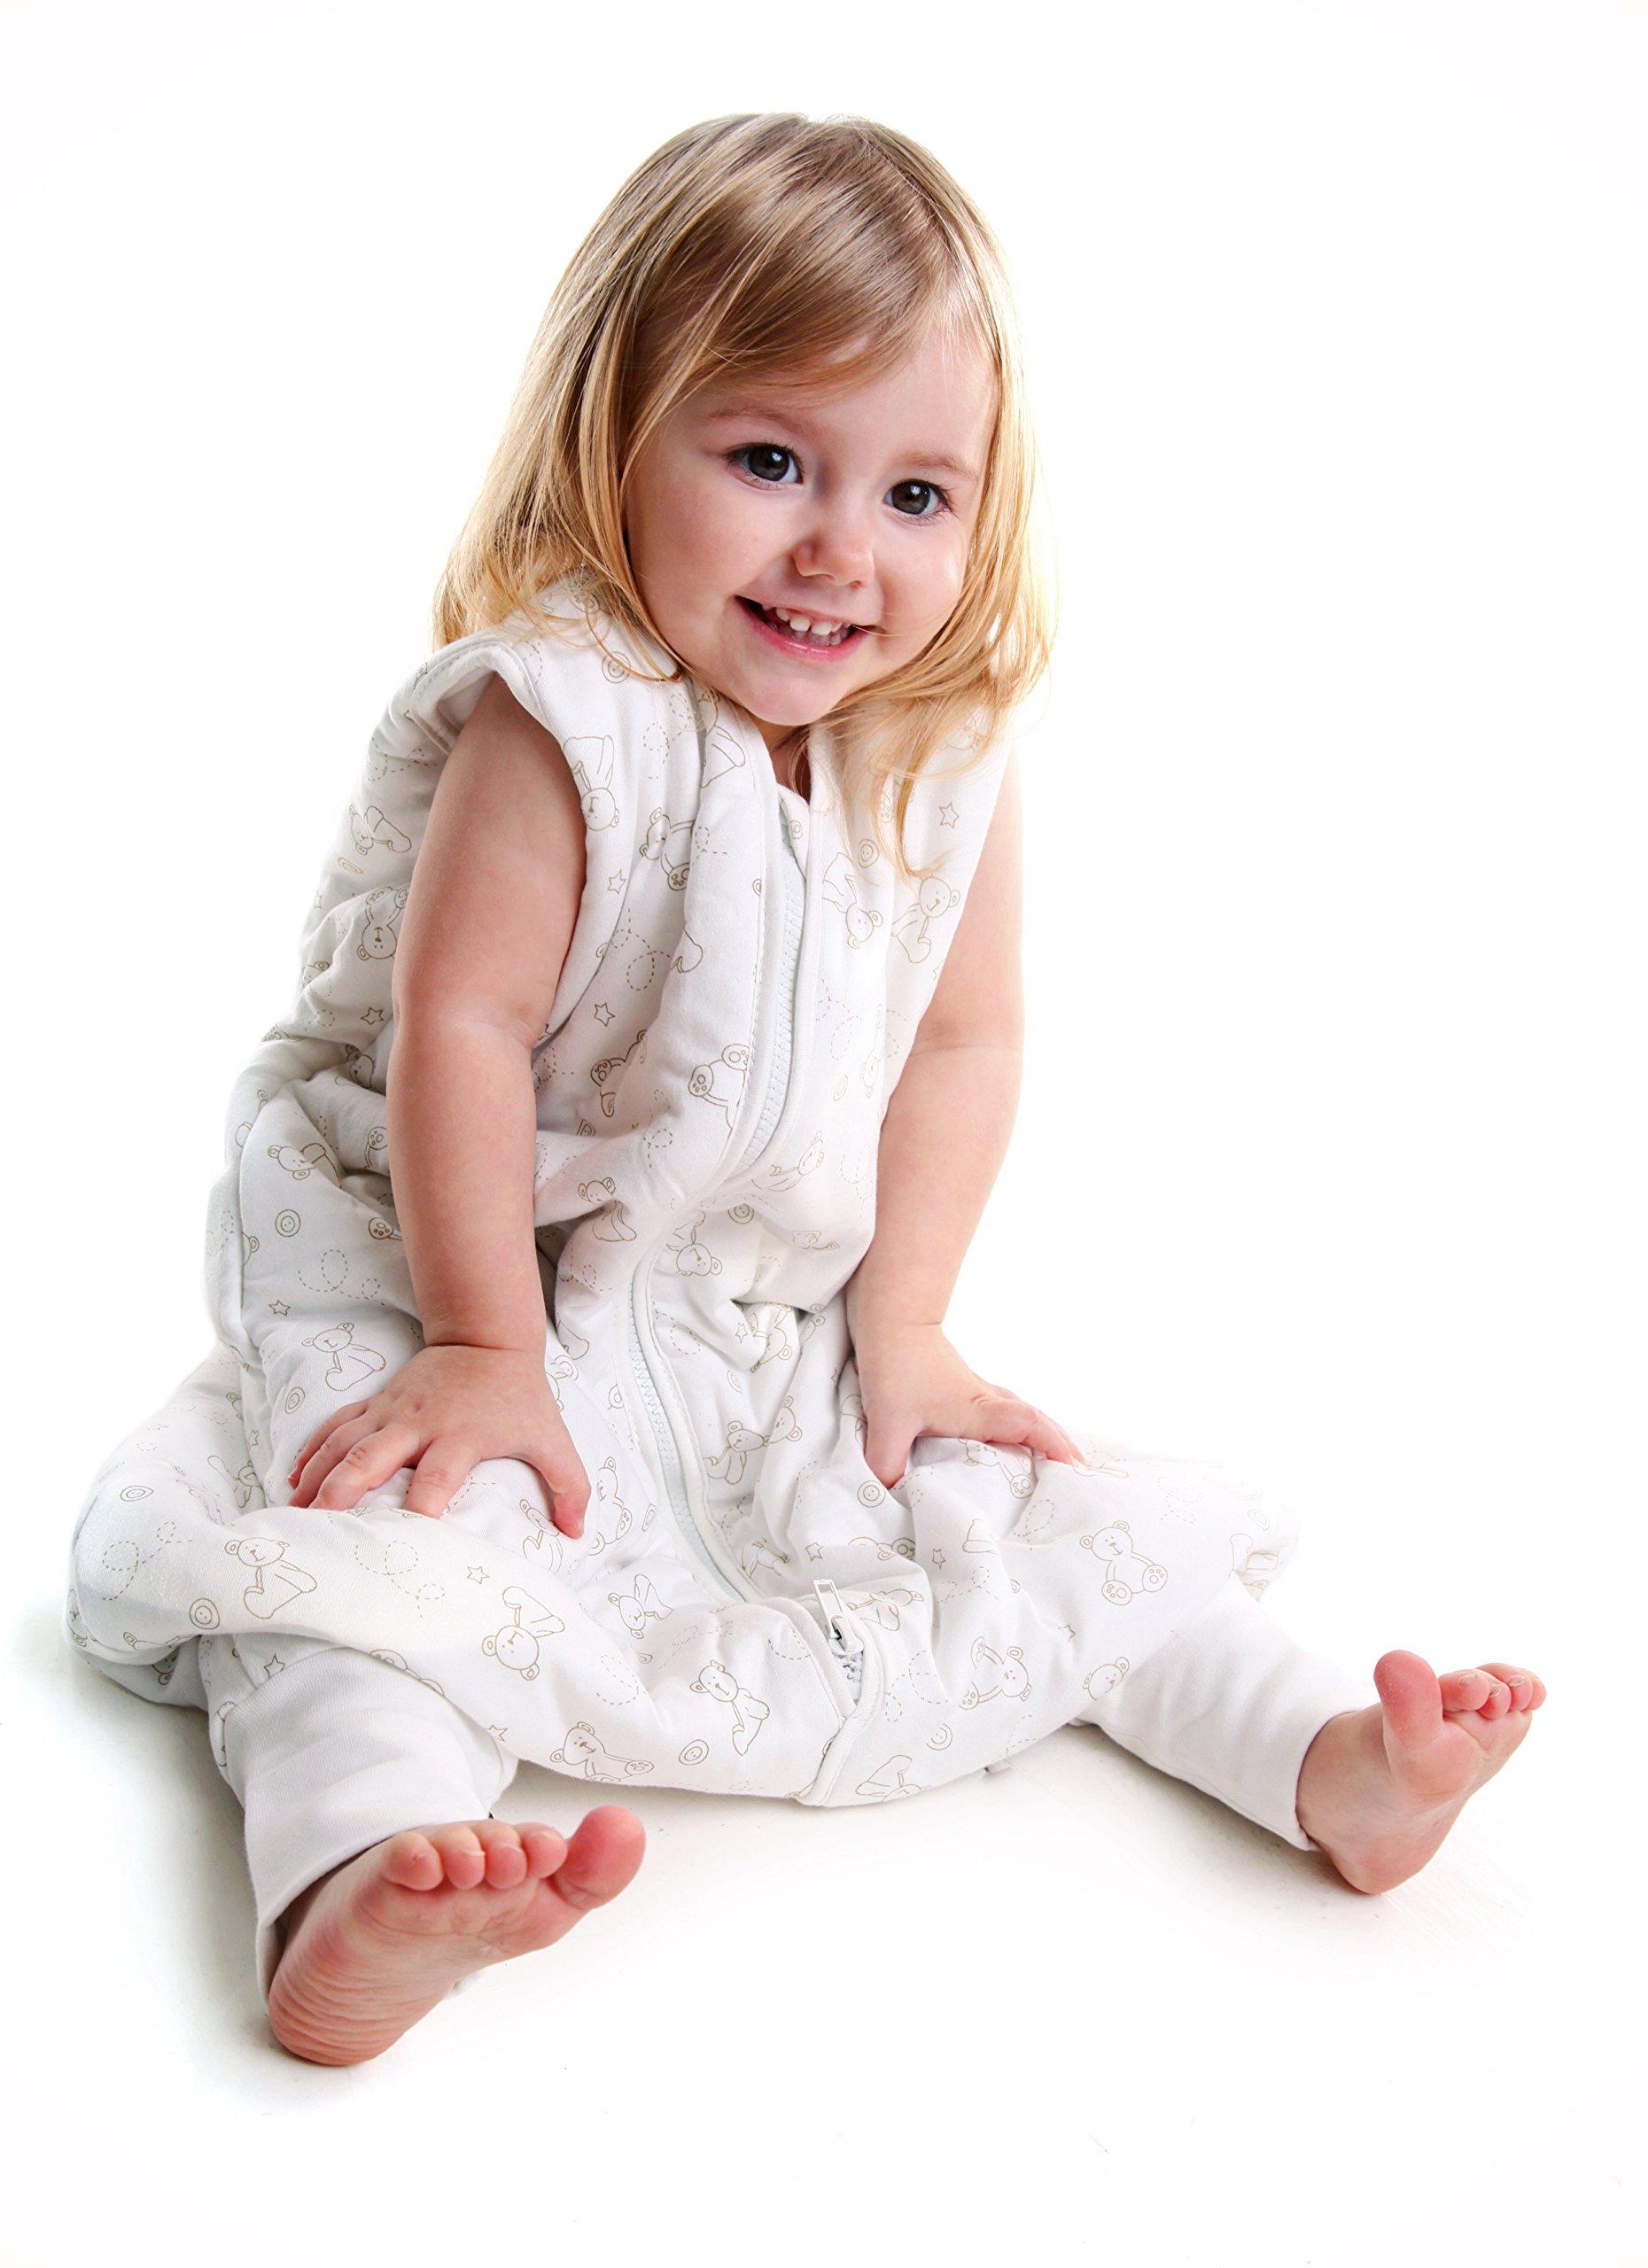 Saco de Dormir con Pies de Verano para Niño Slumbersac aprox. 0.5 Tog – Oso – 5-6 años